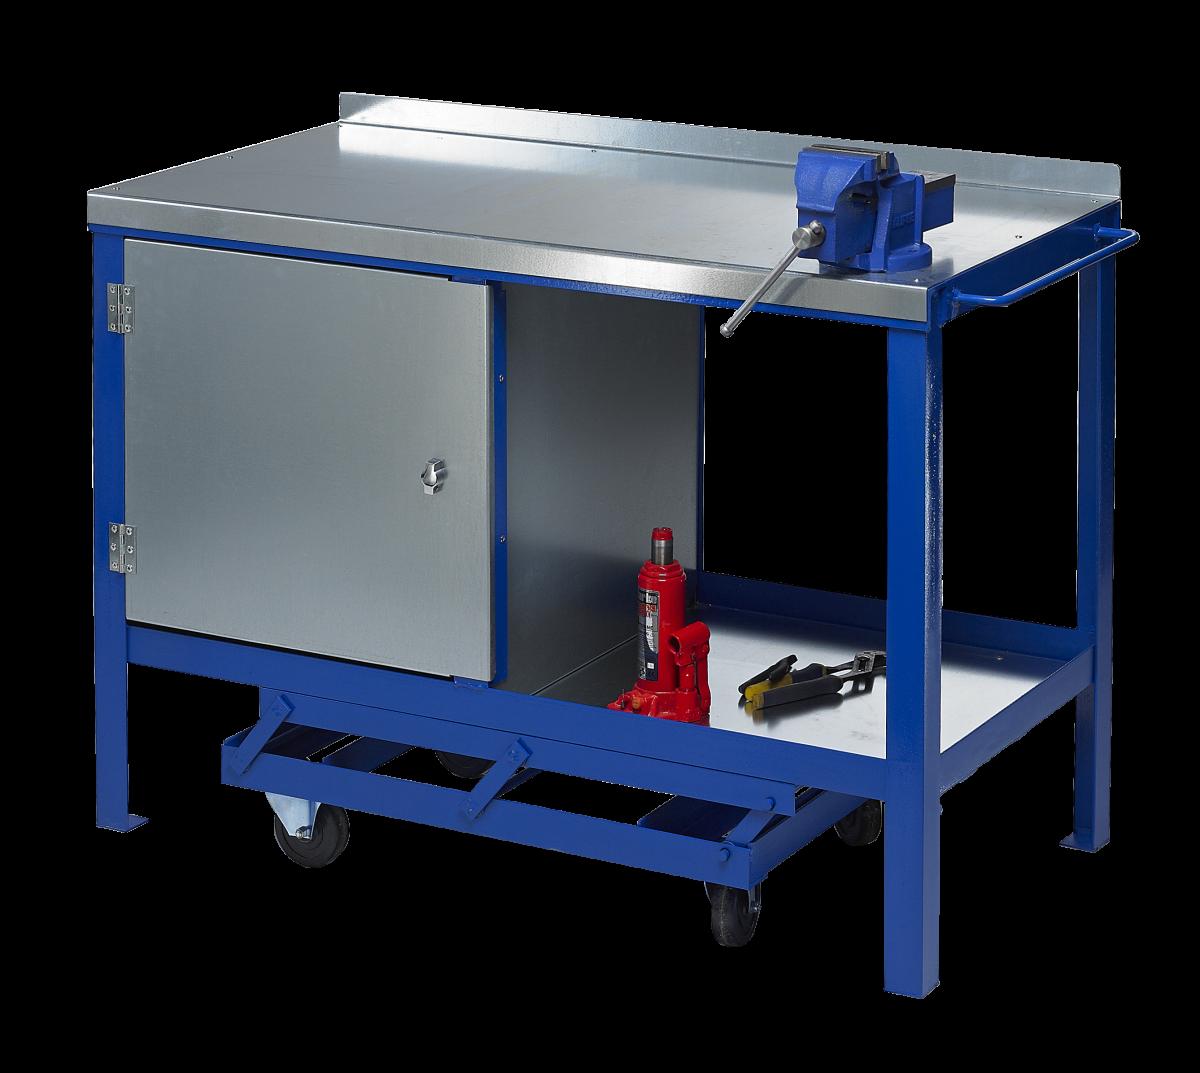 presenteren goedkoop worden nieuwe high J.A.S. Engineering 1560SCP Steel Top Mobile Workbench